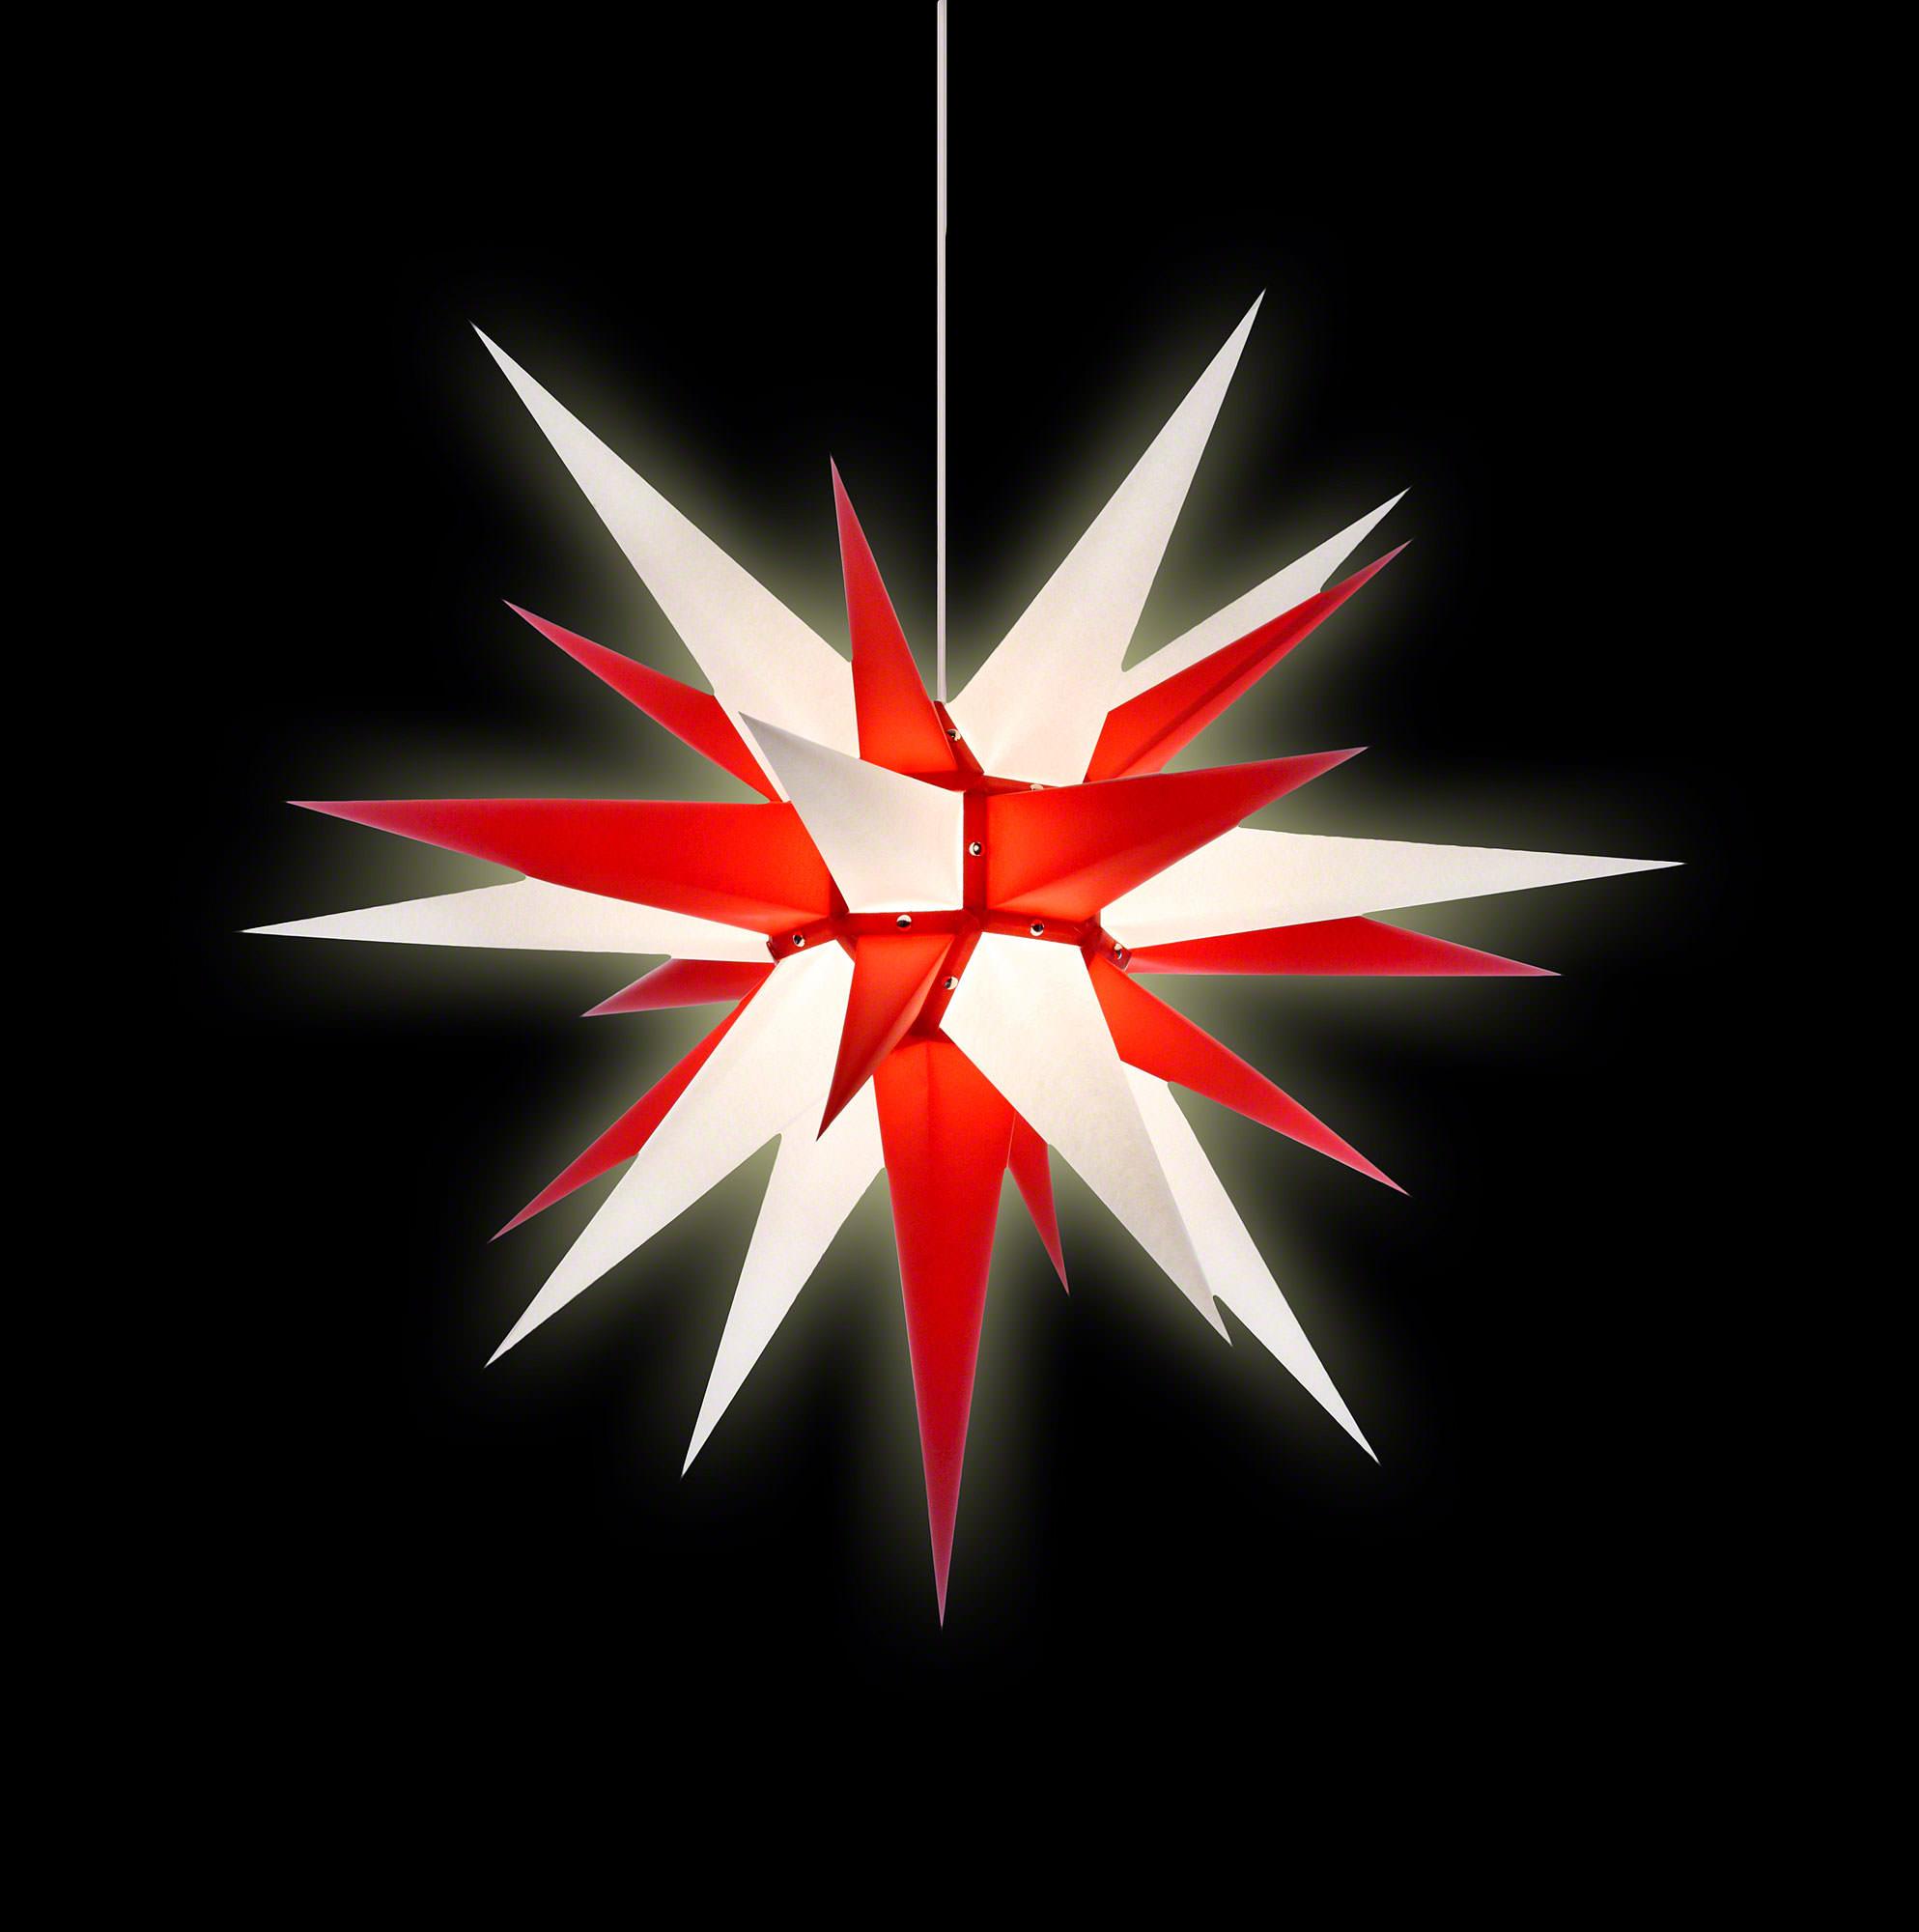 herrnhuter stern i7 wei rot papier 70 cm von herrnhuter sterne. Black Bedroom Furniture Sets. Home Design Ideas